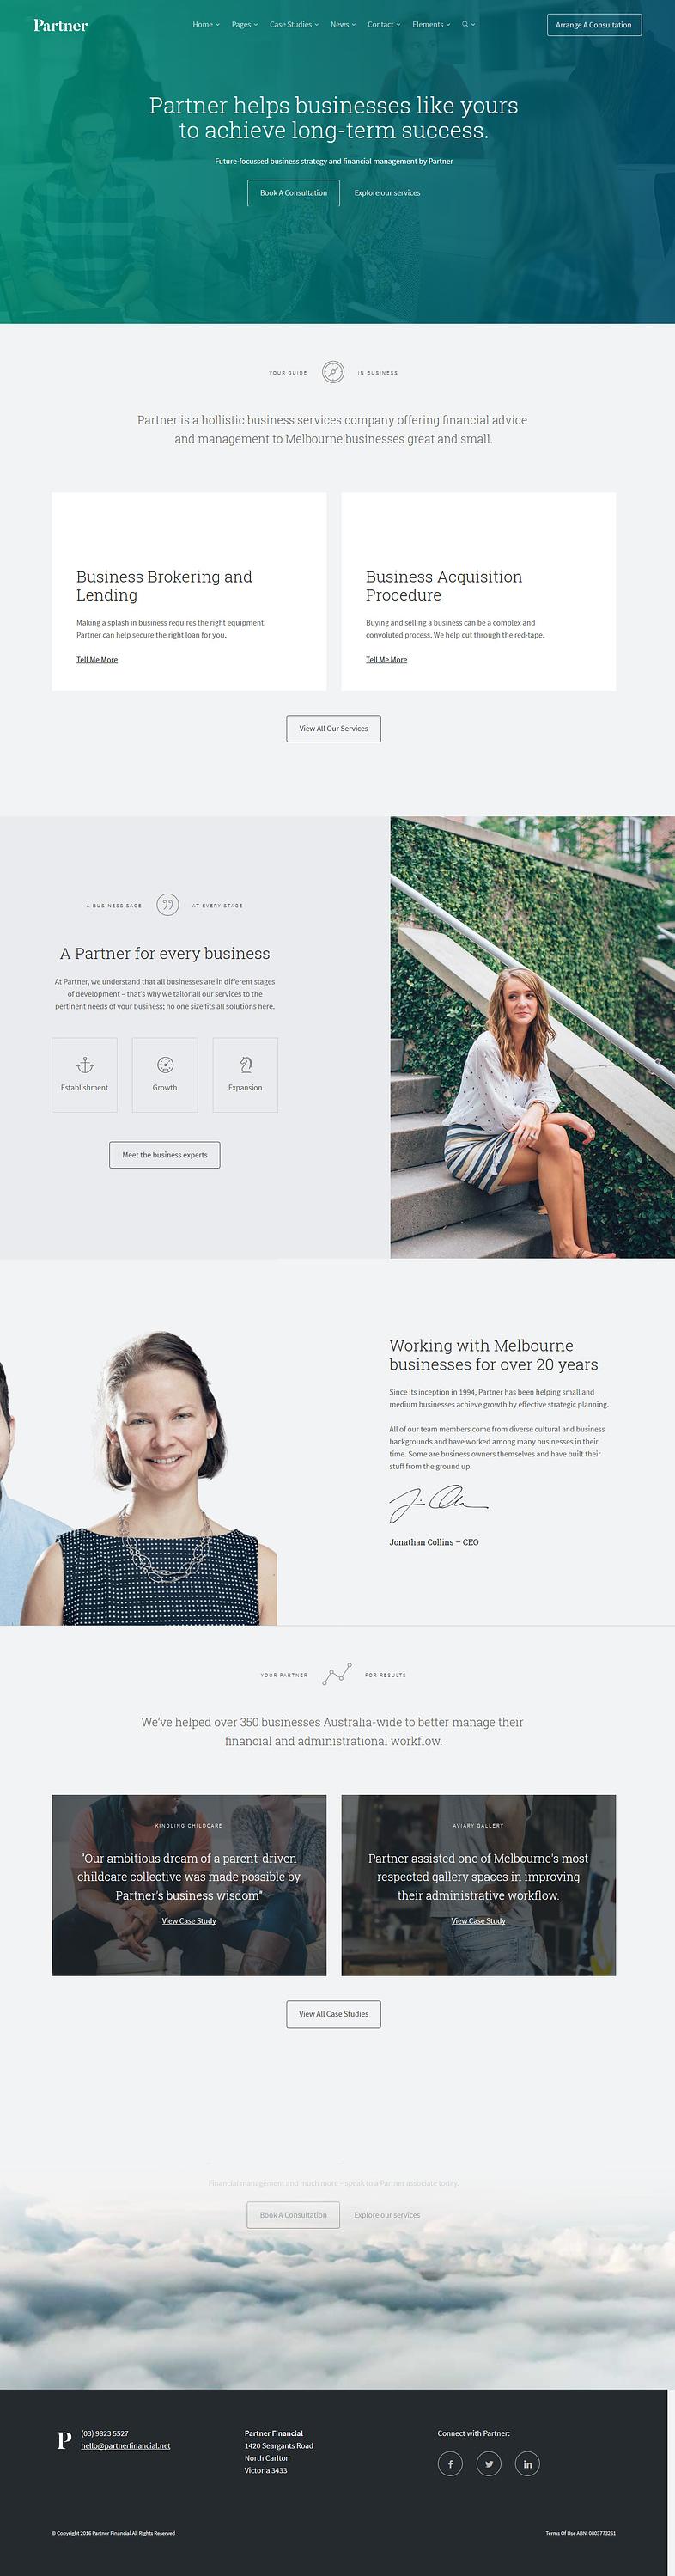 partner best premium accounting wordpress theme - 10+ Best Premium Accounting WordPress Themes